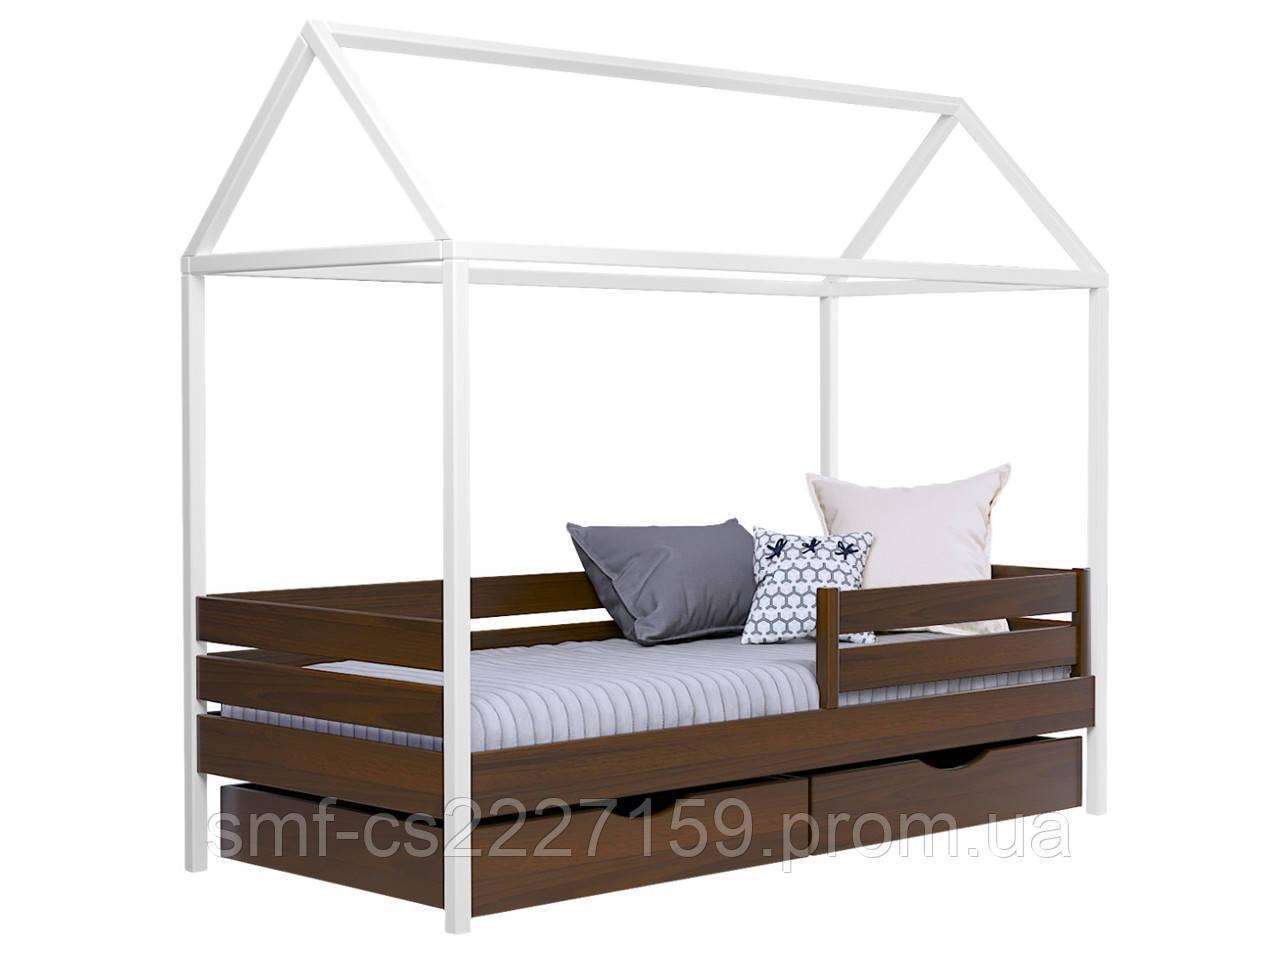 Ліжко Хатка Амі з натурального дерева  бук